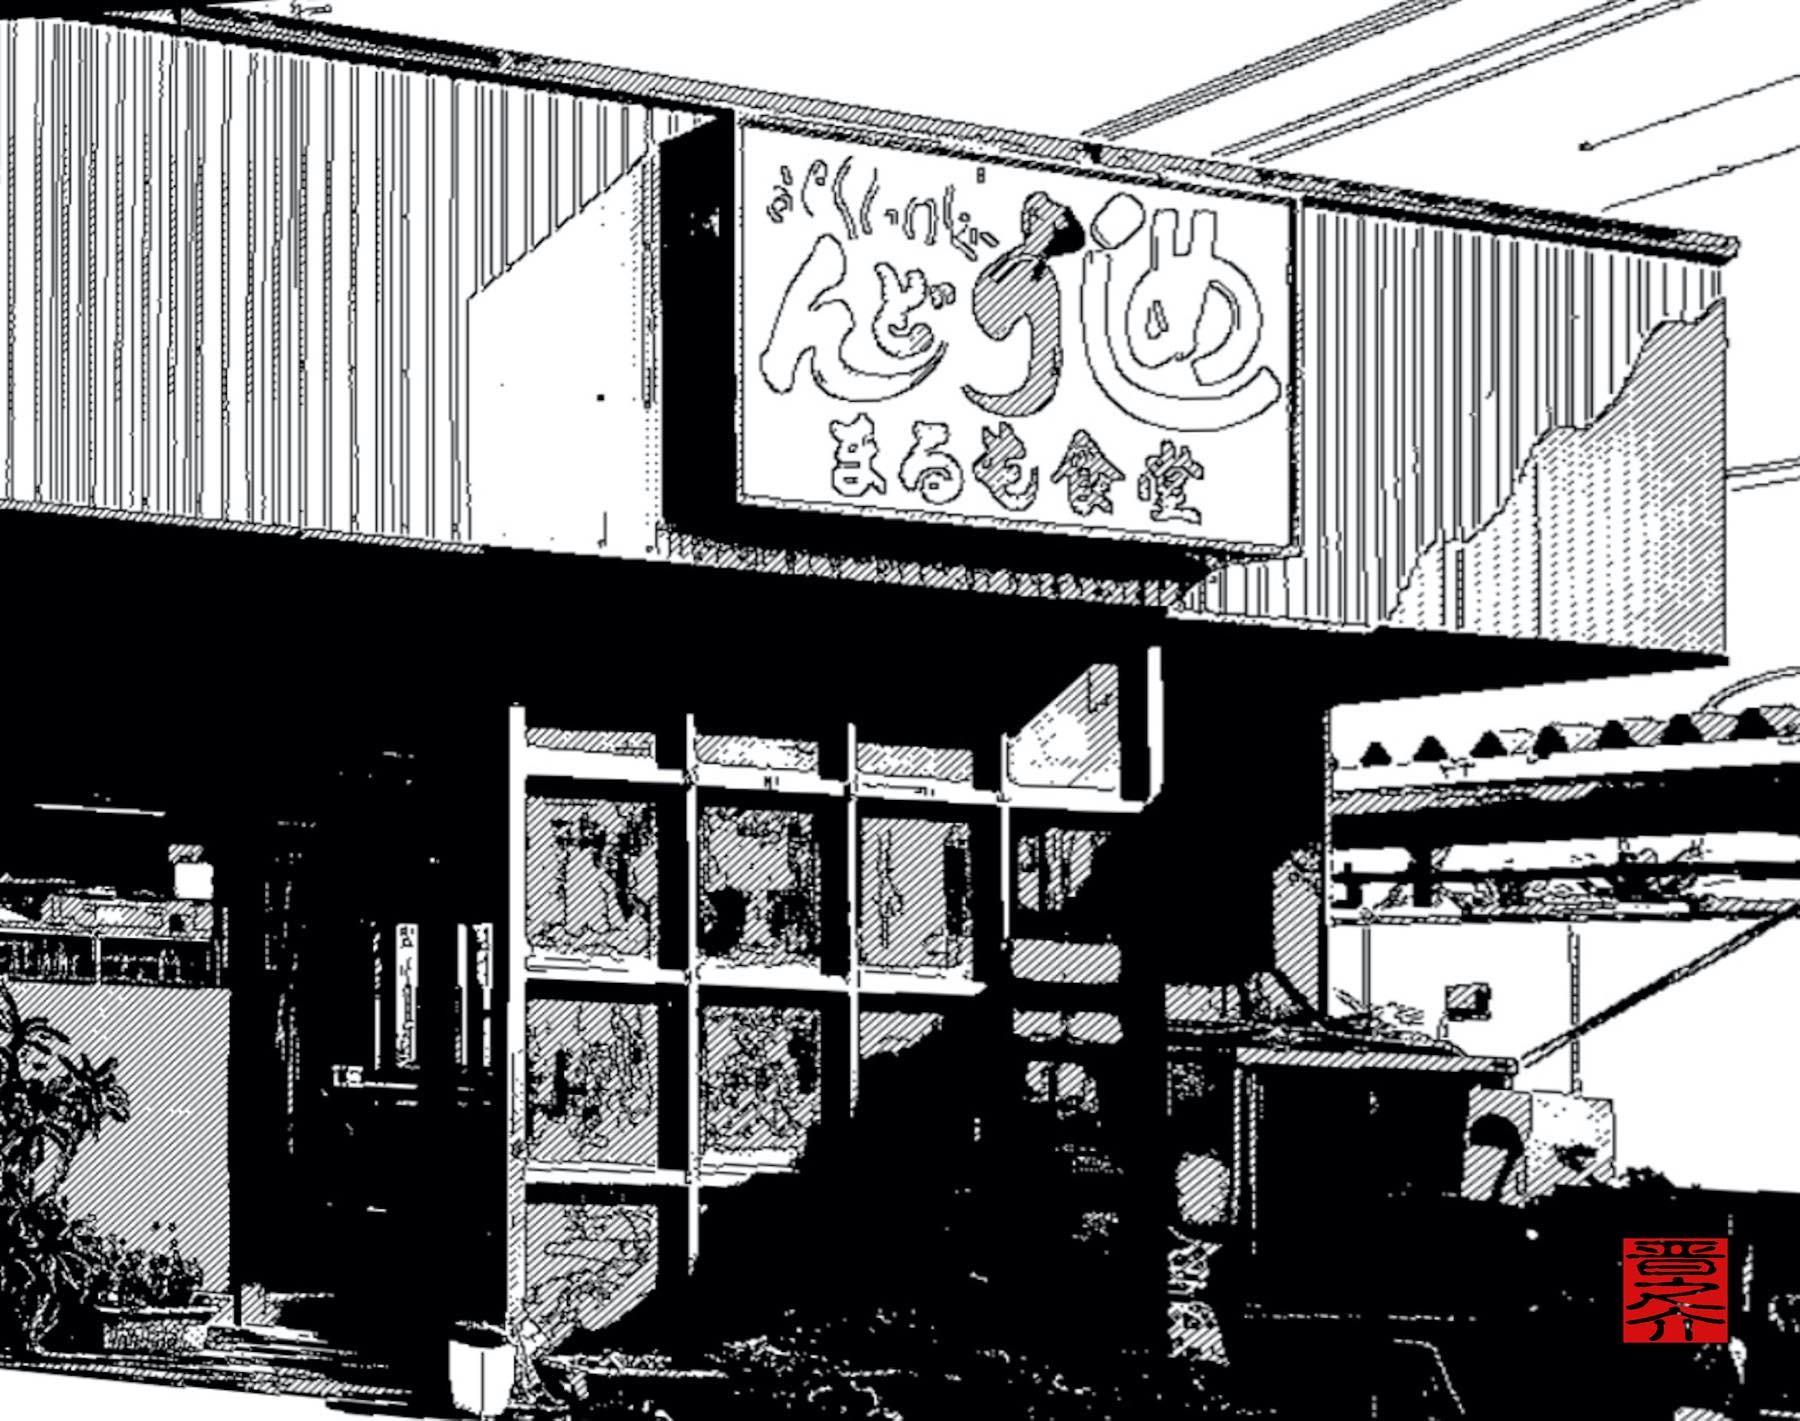 衣浦海底トンネル入口近く「衣浦総合卸売市場」内にある大衆食堂は朝6時から営業!朝10時までの「朝定食」がお得!まるも食堂